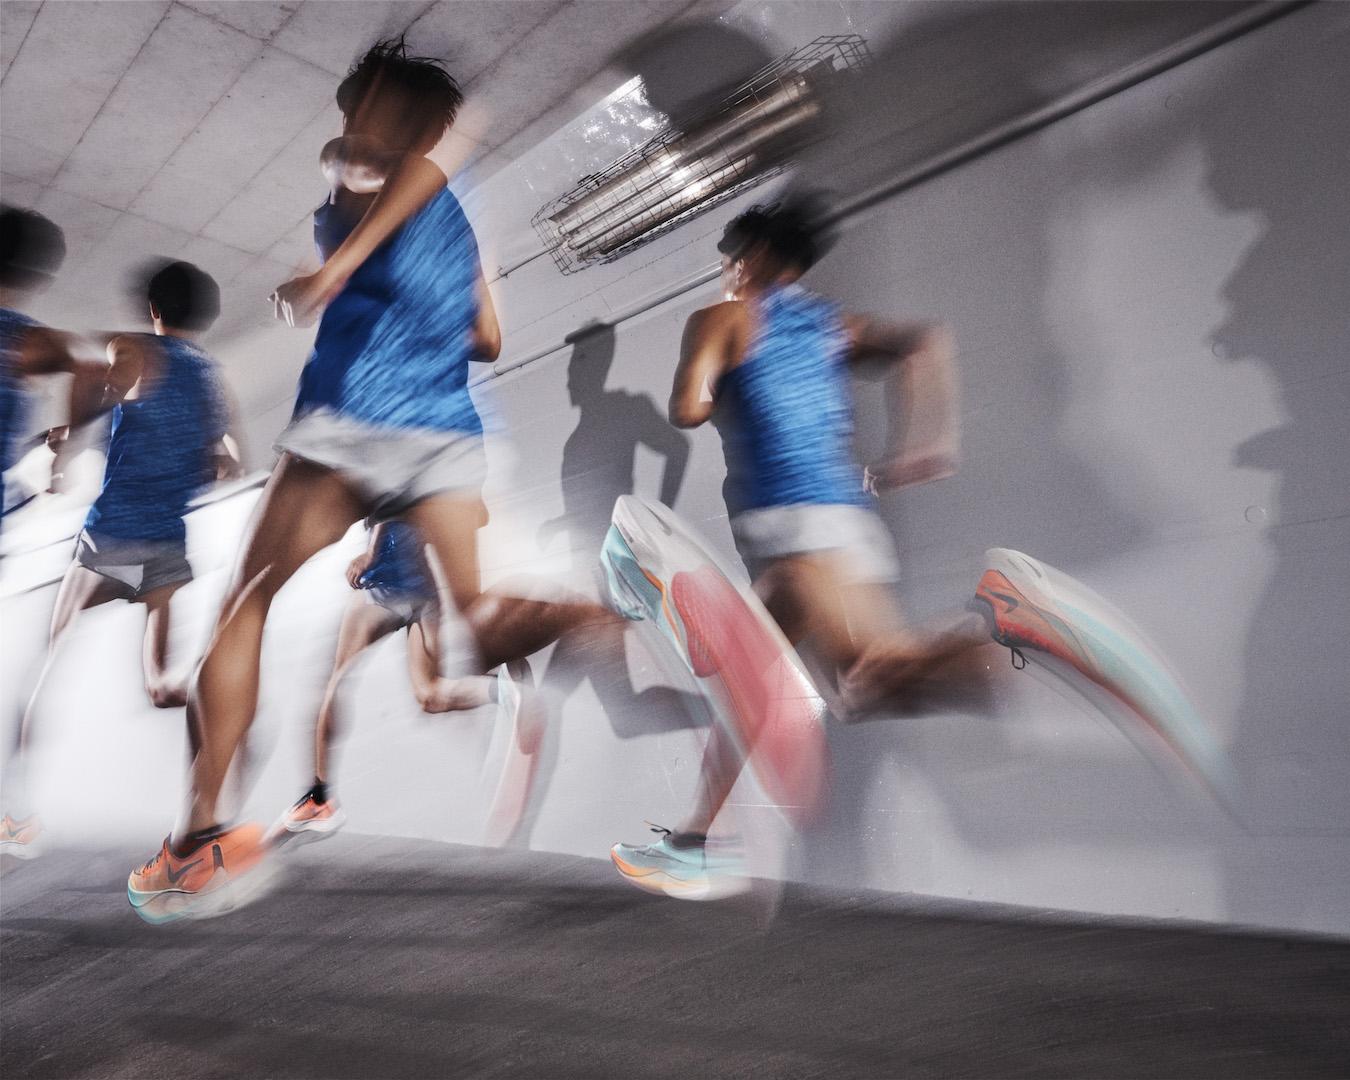 「ナイキから駅伝ランナーをモチーフにした「EKIDEN PACK」が12月3日より発売!」の画像